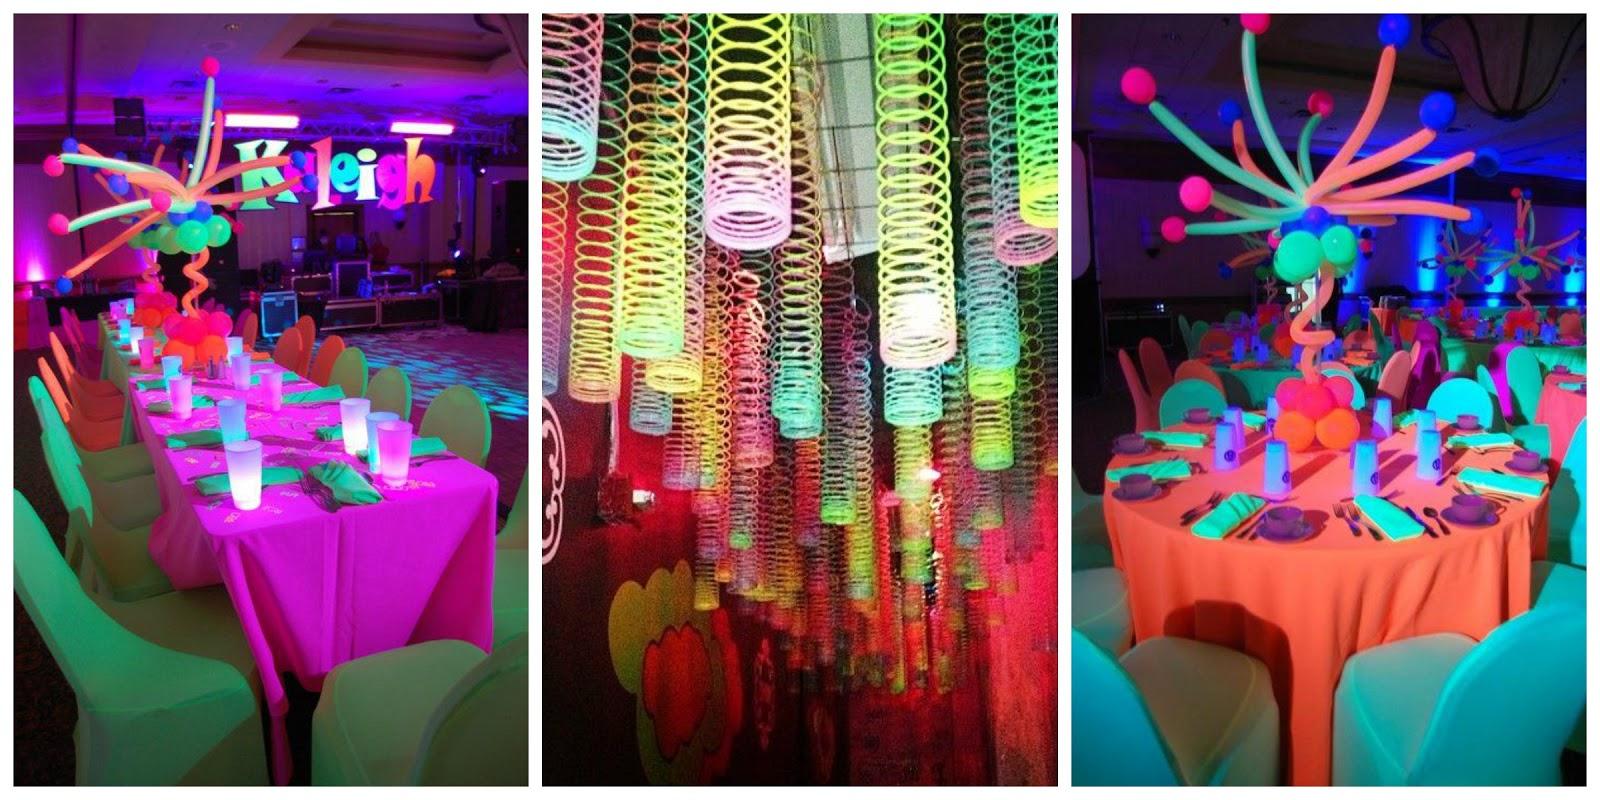 Neon party ideas para la decoraci n outfit y - Decoracion party ...